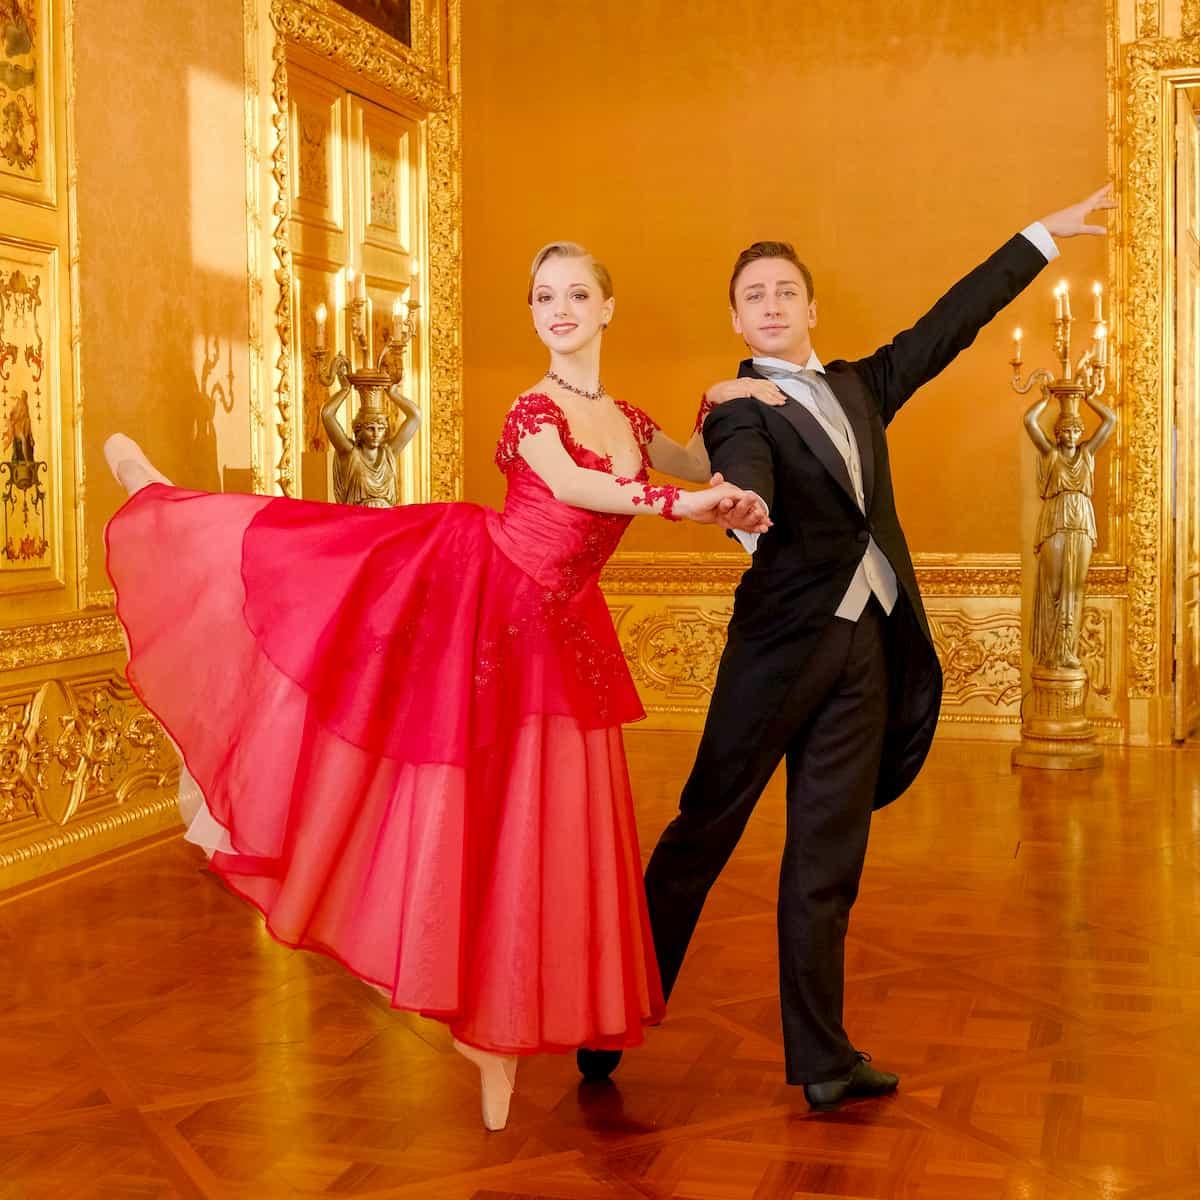 Natascha Mair und Denis Cherevychko - Ballett-Tänzer beim Neujahrskonzert 2020 der Wiener Philharmoniker